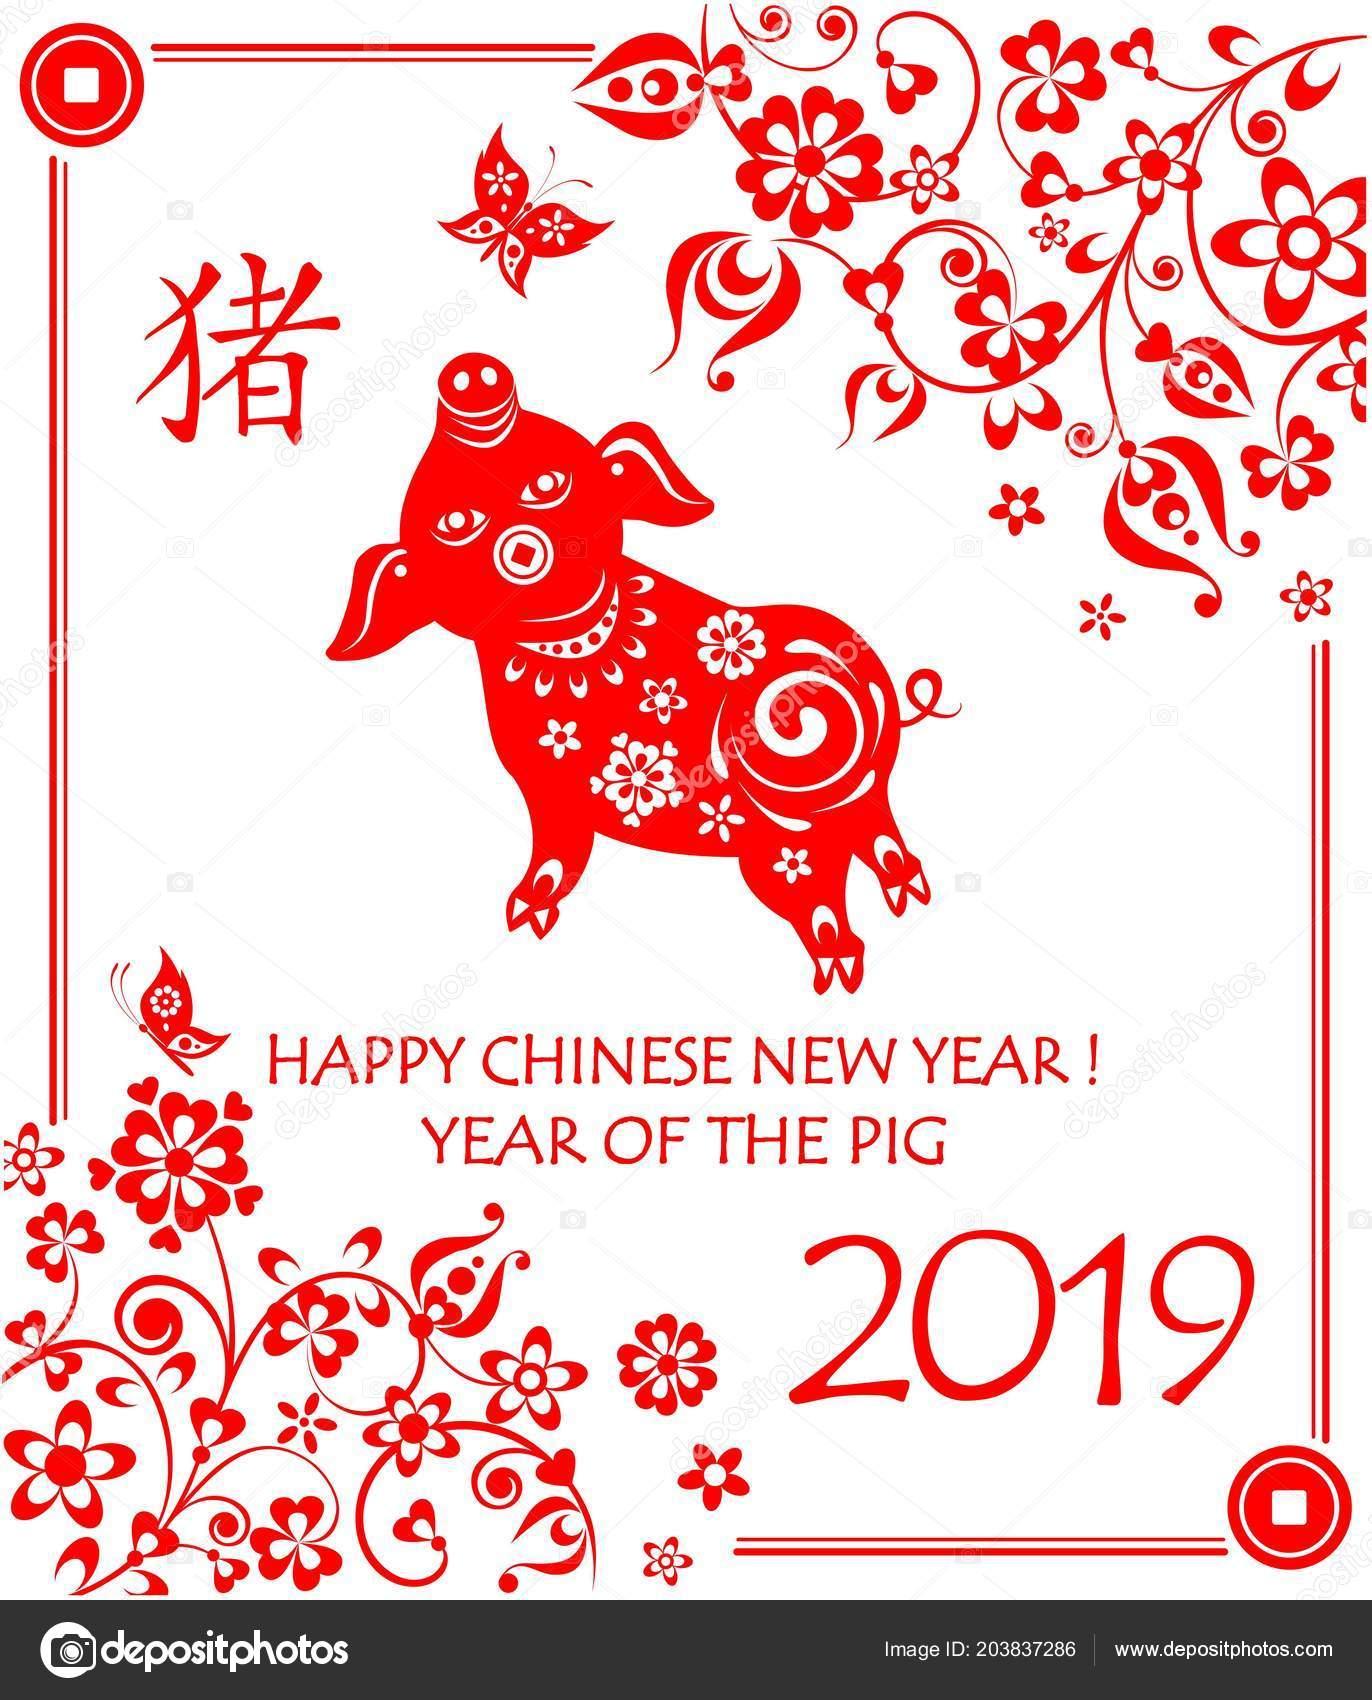 Papier Grußkarte Für 2019 Chinese New Year Mit Lustigen Roten ...